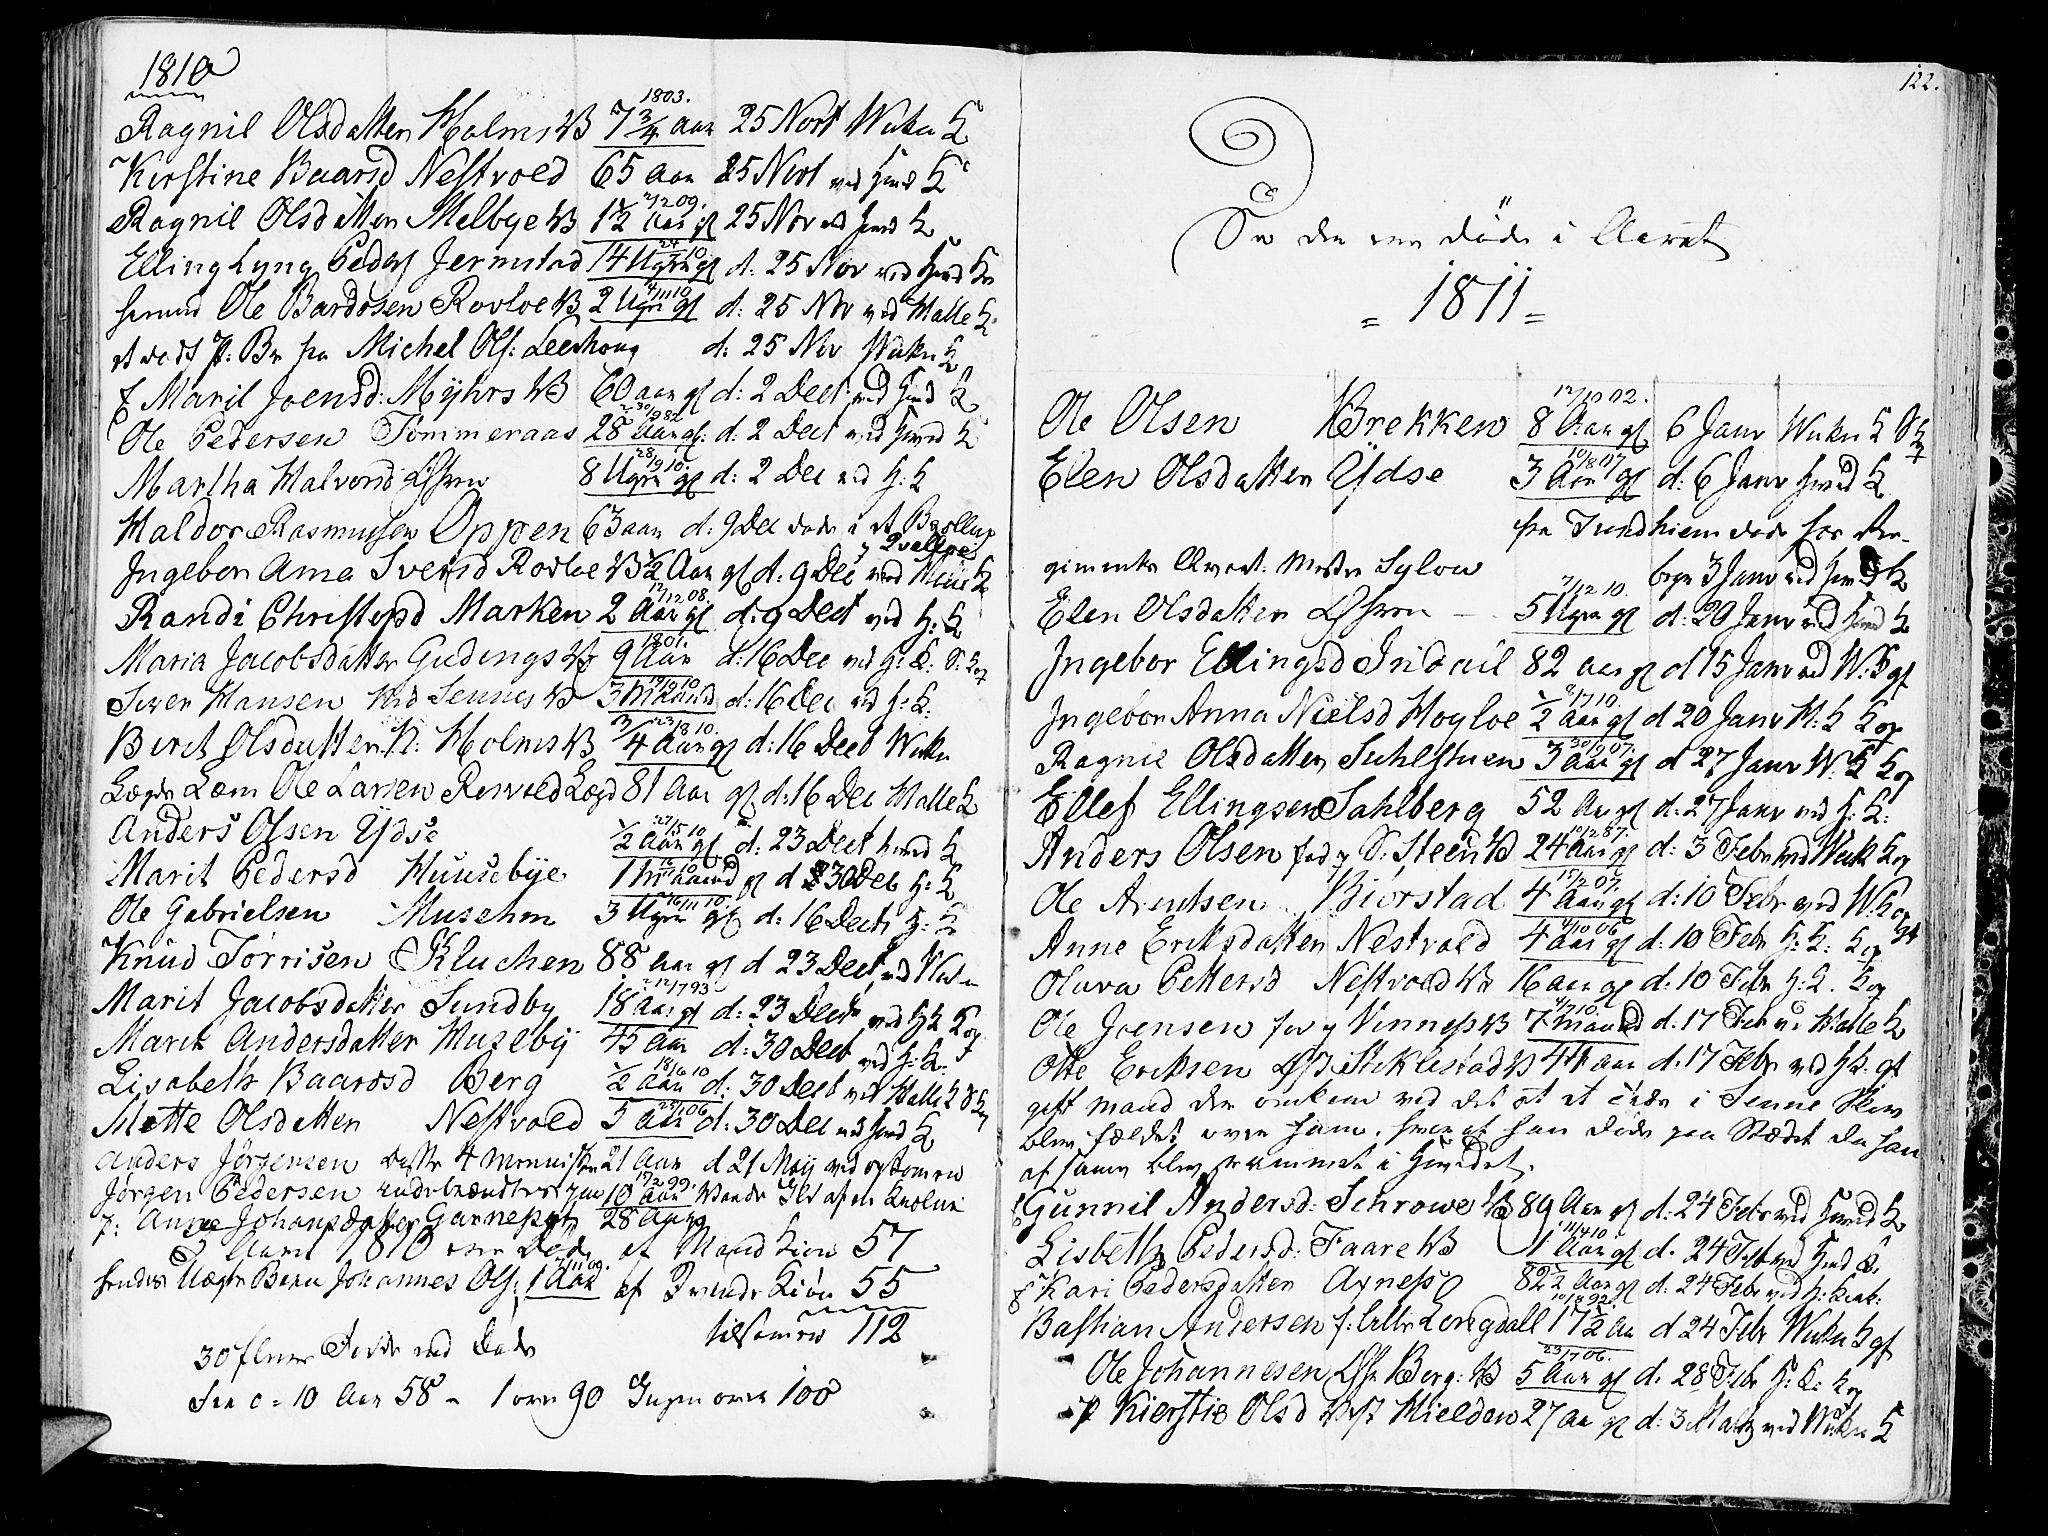 SAT, Ministerialprotokoller, klokkerbøker og fødselsregistre - Nord-Trøndelag, 723/L0233: Ministerialbok nr. 723A04, 1805-1816, s. 122